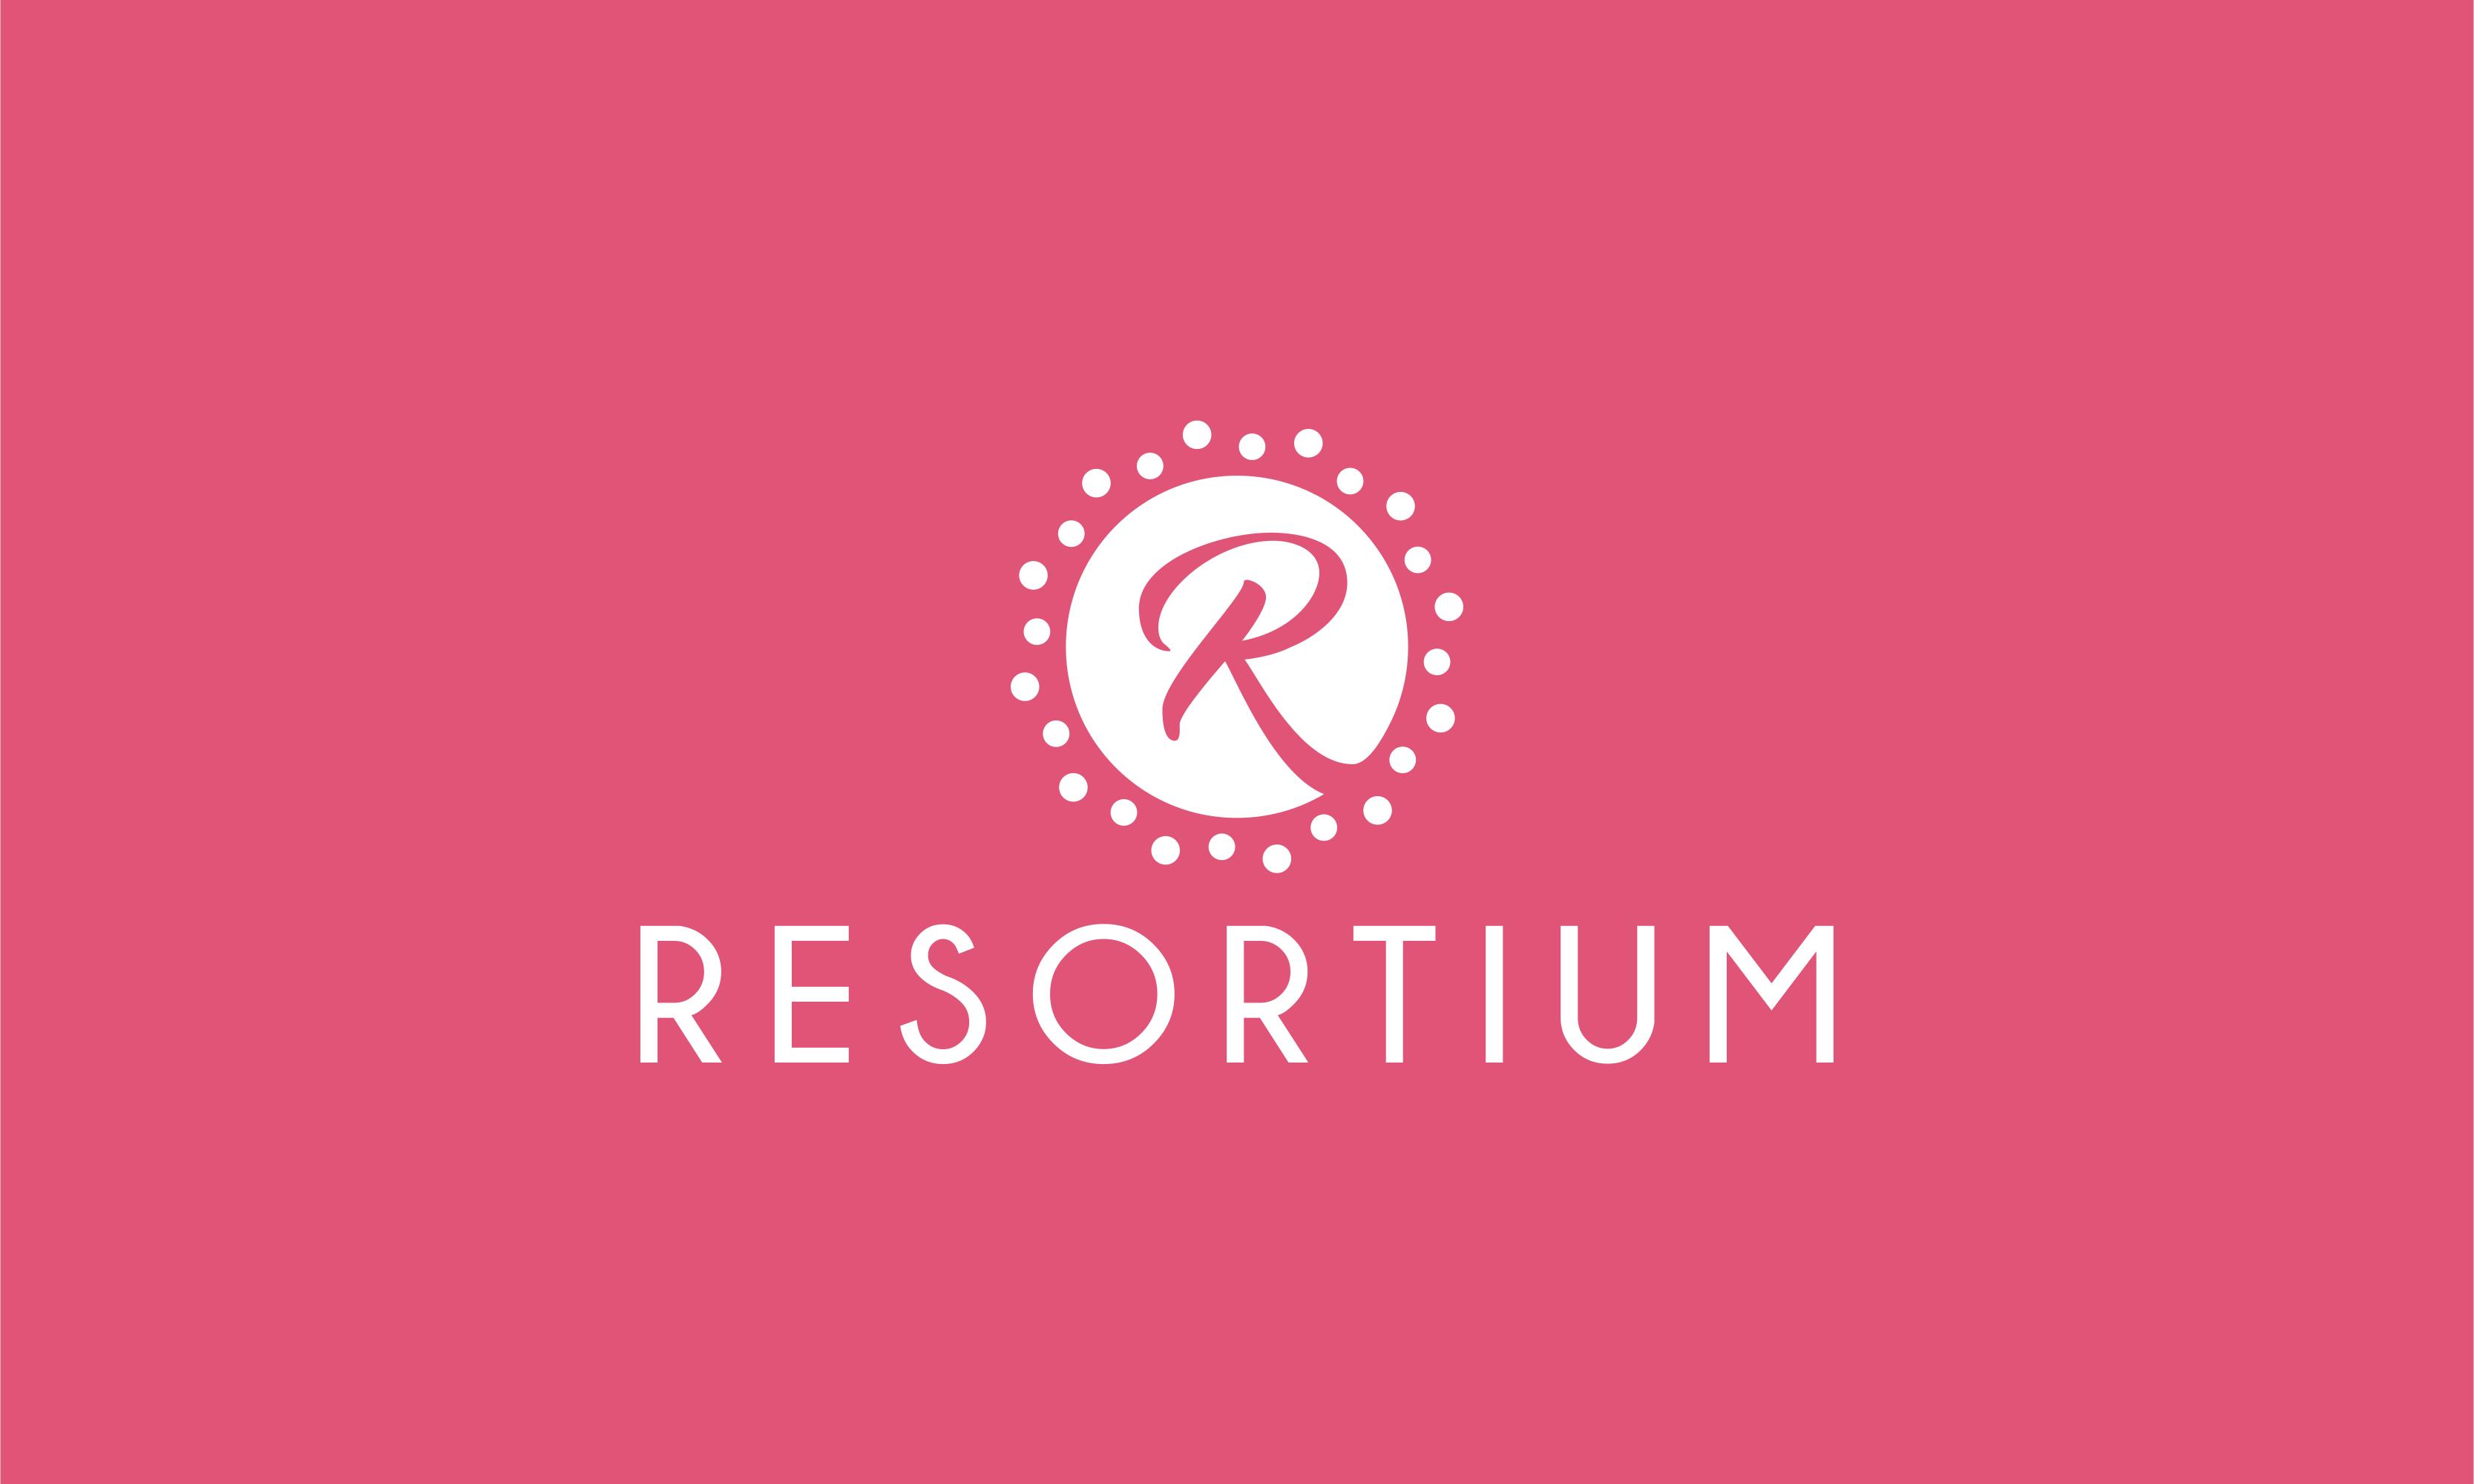 Resortium